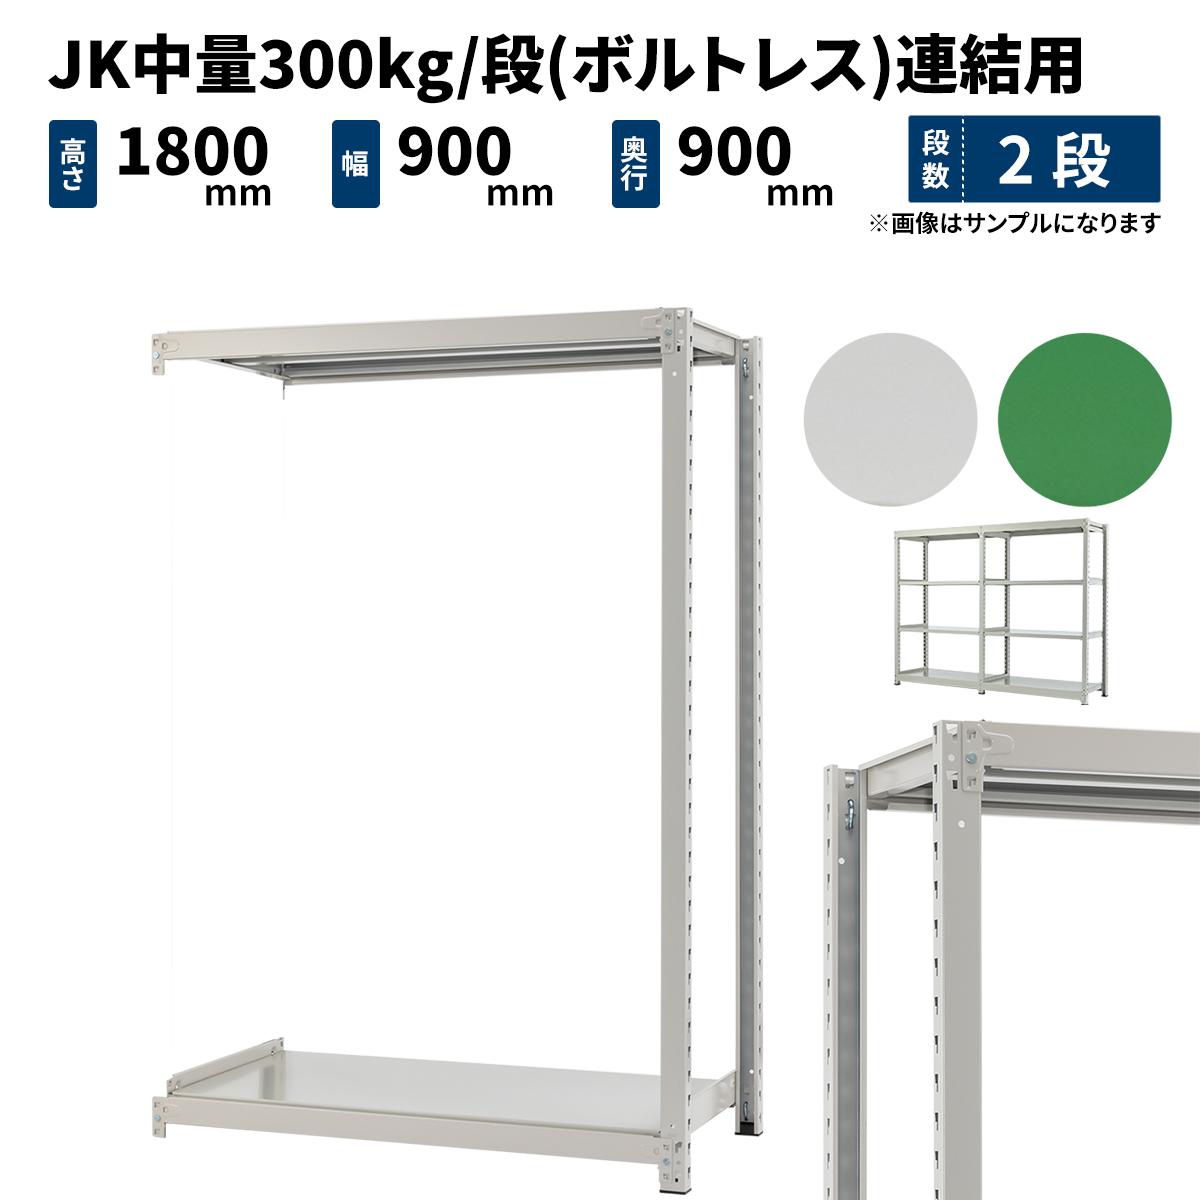 スチールラック 業務用 JK中量300kg/段(ボルトレス) 連結形式 高さ1800×幅900×奥行900mm 2段 ホワイトグレー/グリーン (37kg) JK300_R-180909-2